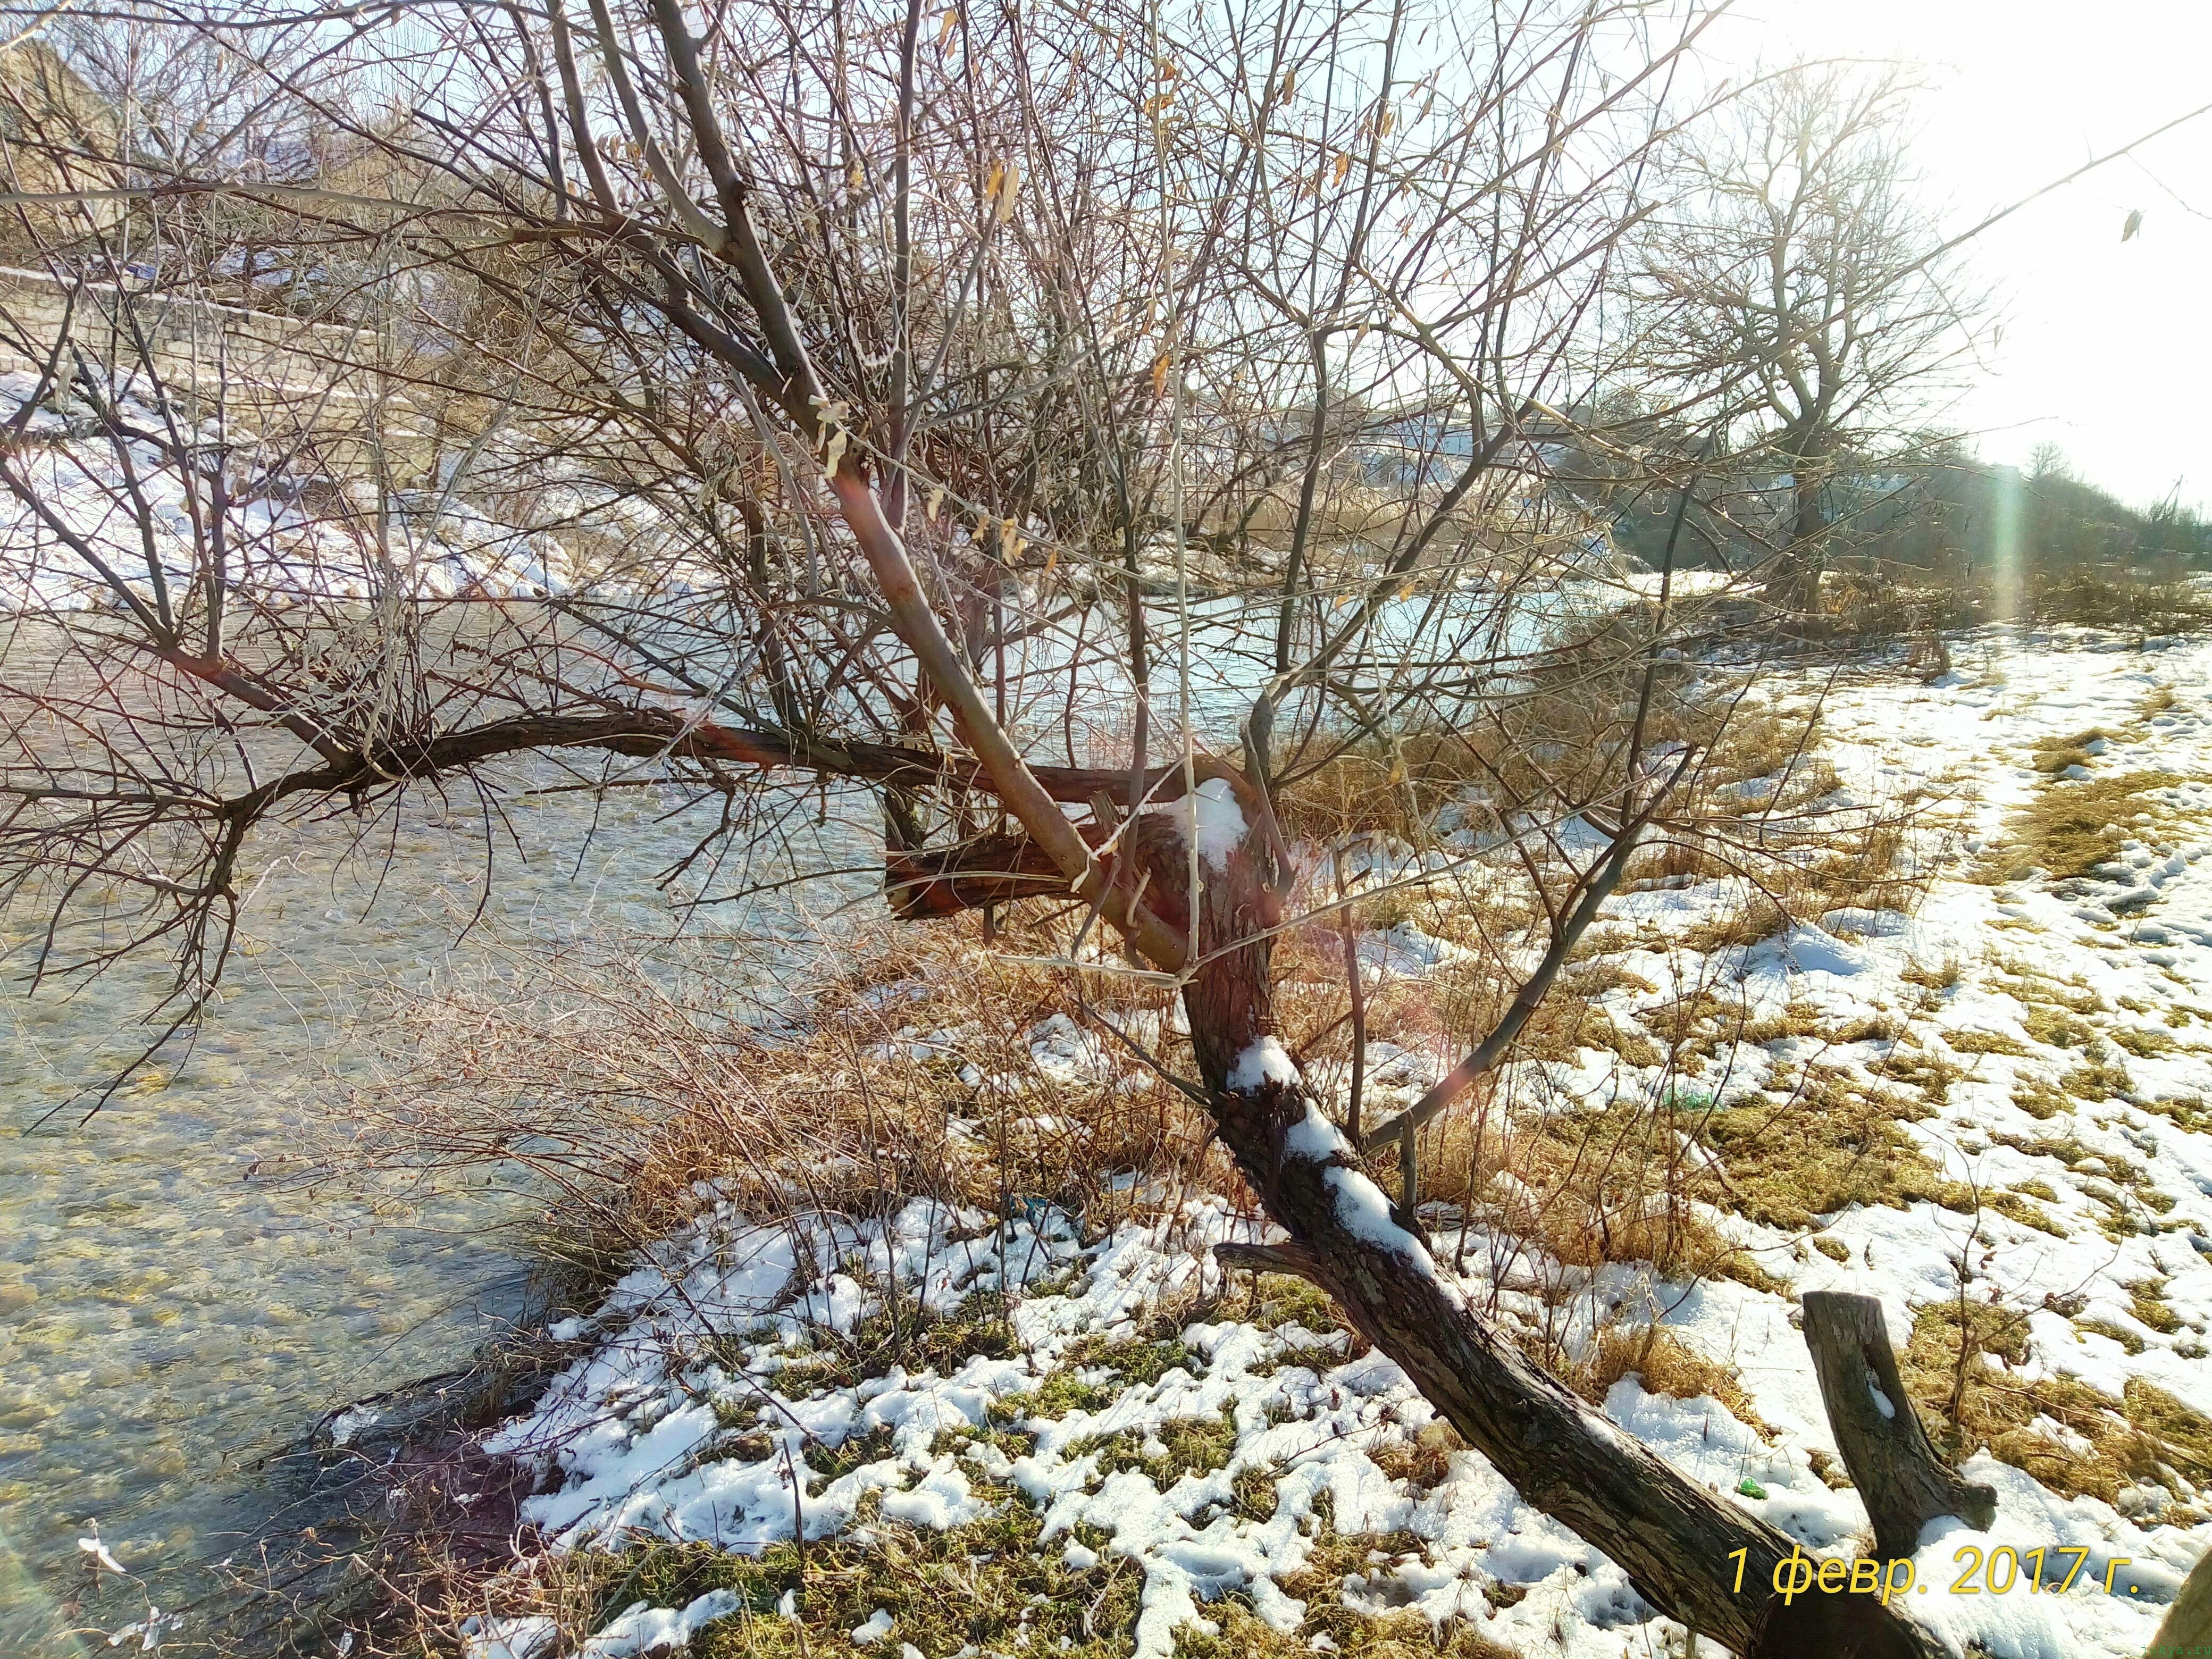 Река Биюк карасу 1 февраля: фото реки фото заметка моей реальности в Крыму jokya.ru